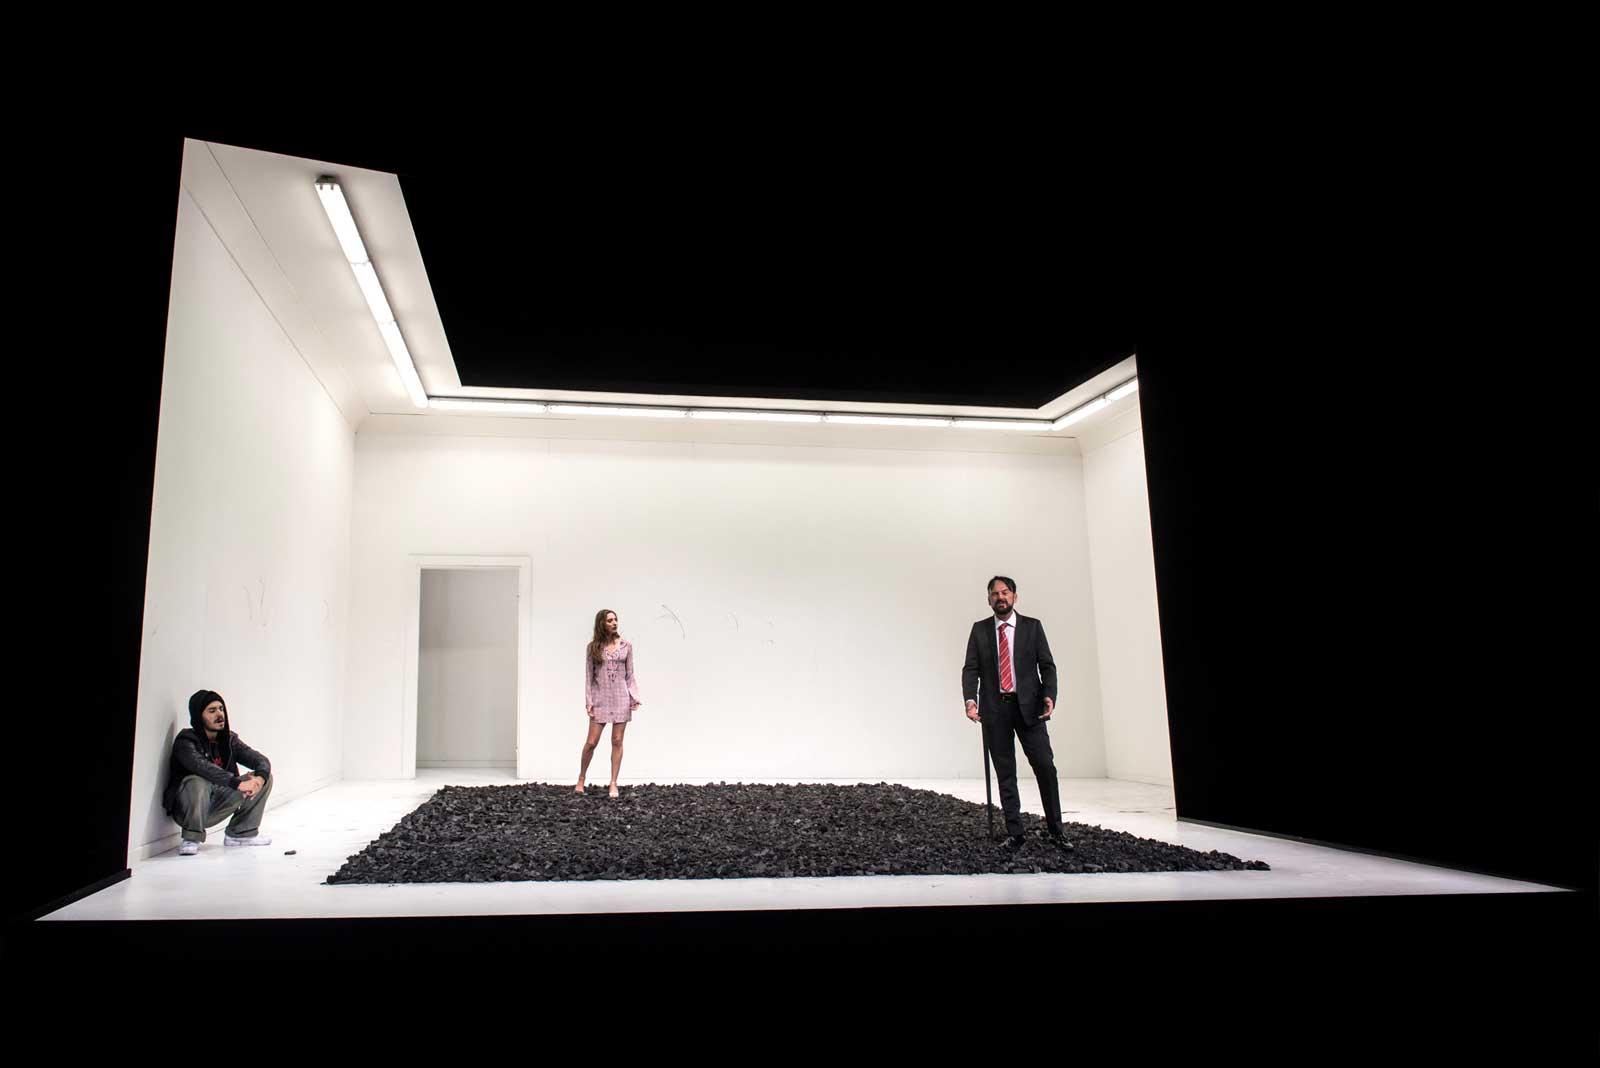 Ayad Akhtar, «Disgraced», regia di Martin Kušej, 2017. Teatro Carignano di Torino. Elia Tapognani, Anna Della Rosa, Paolo Pierobon.